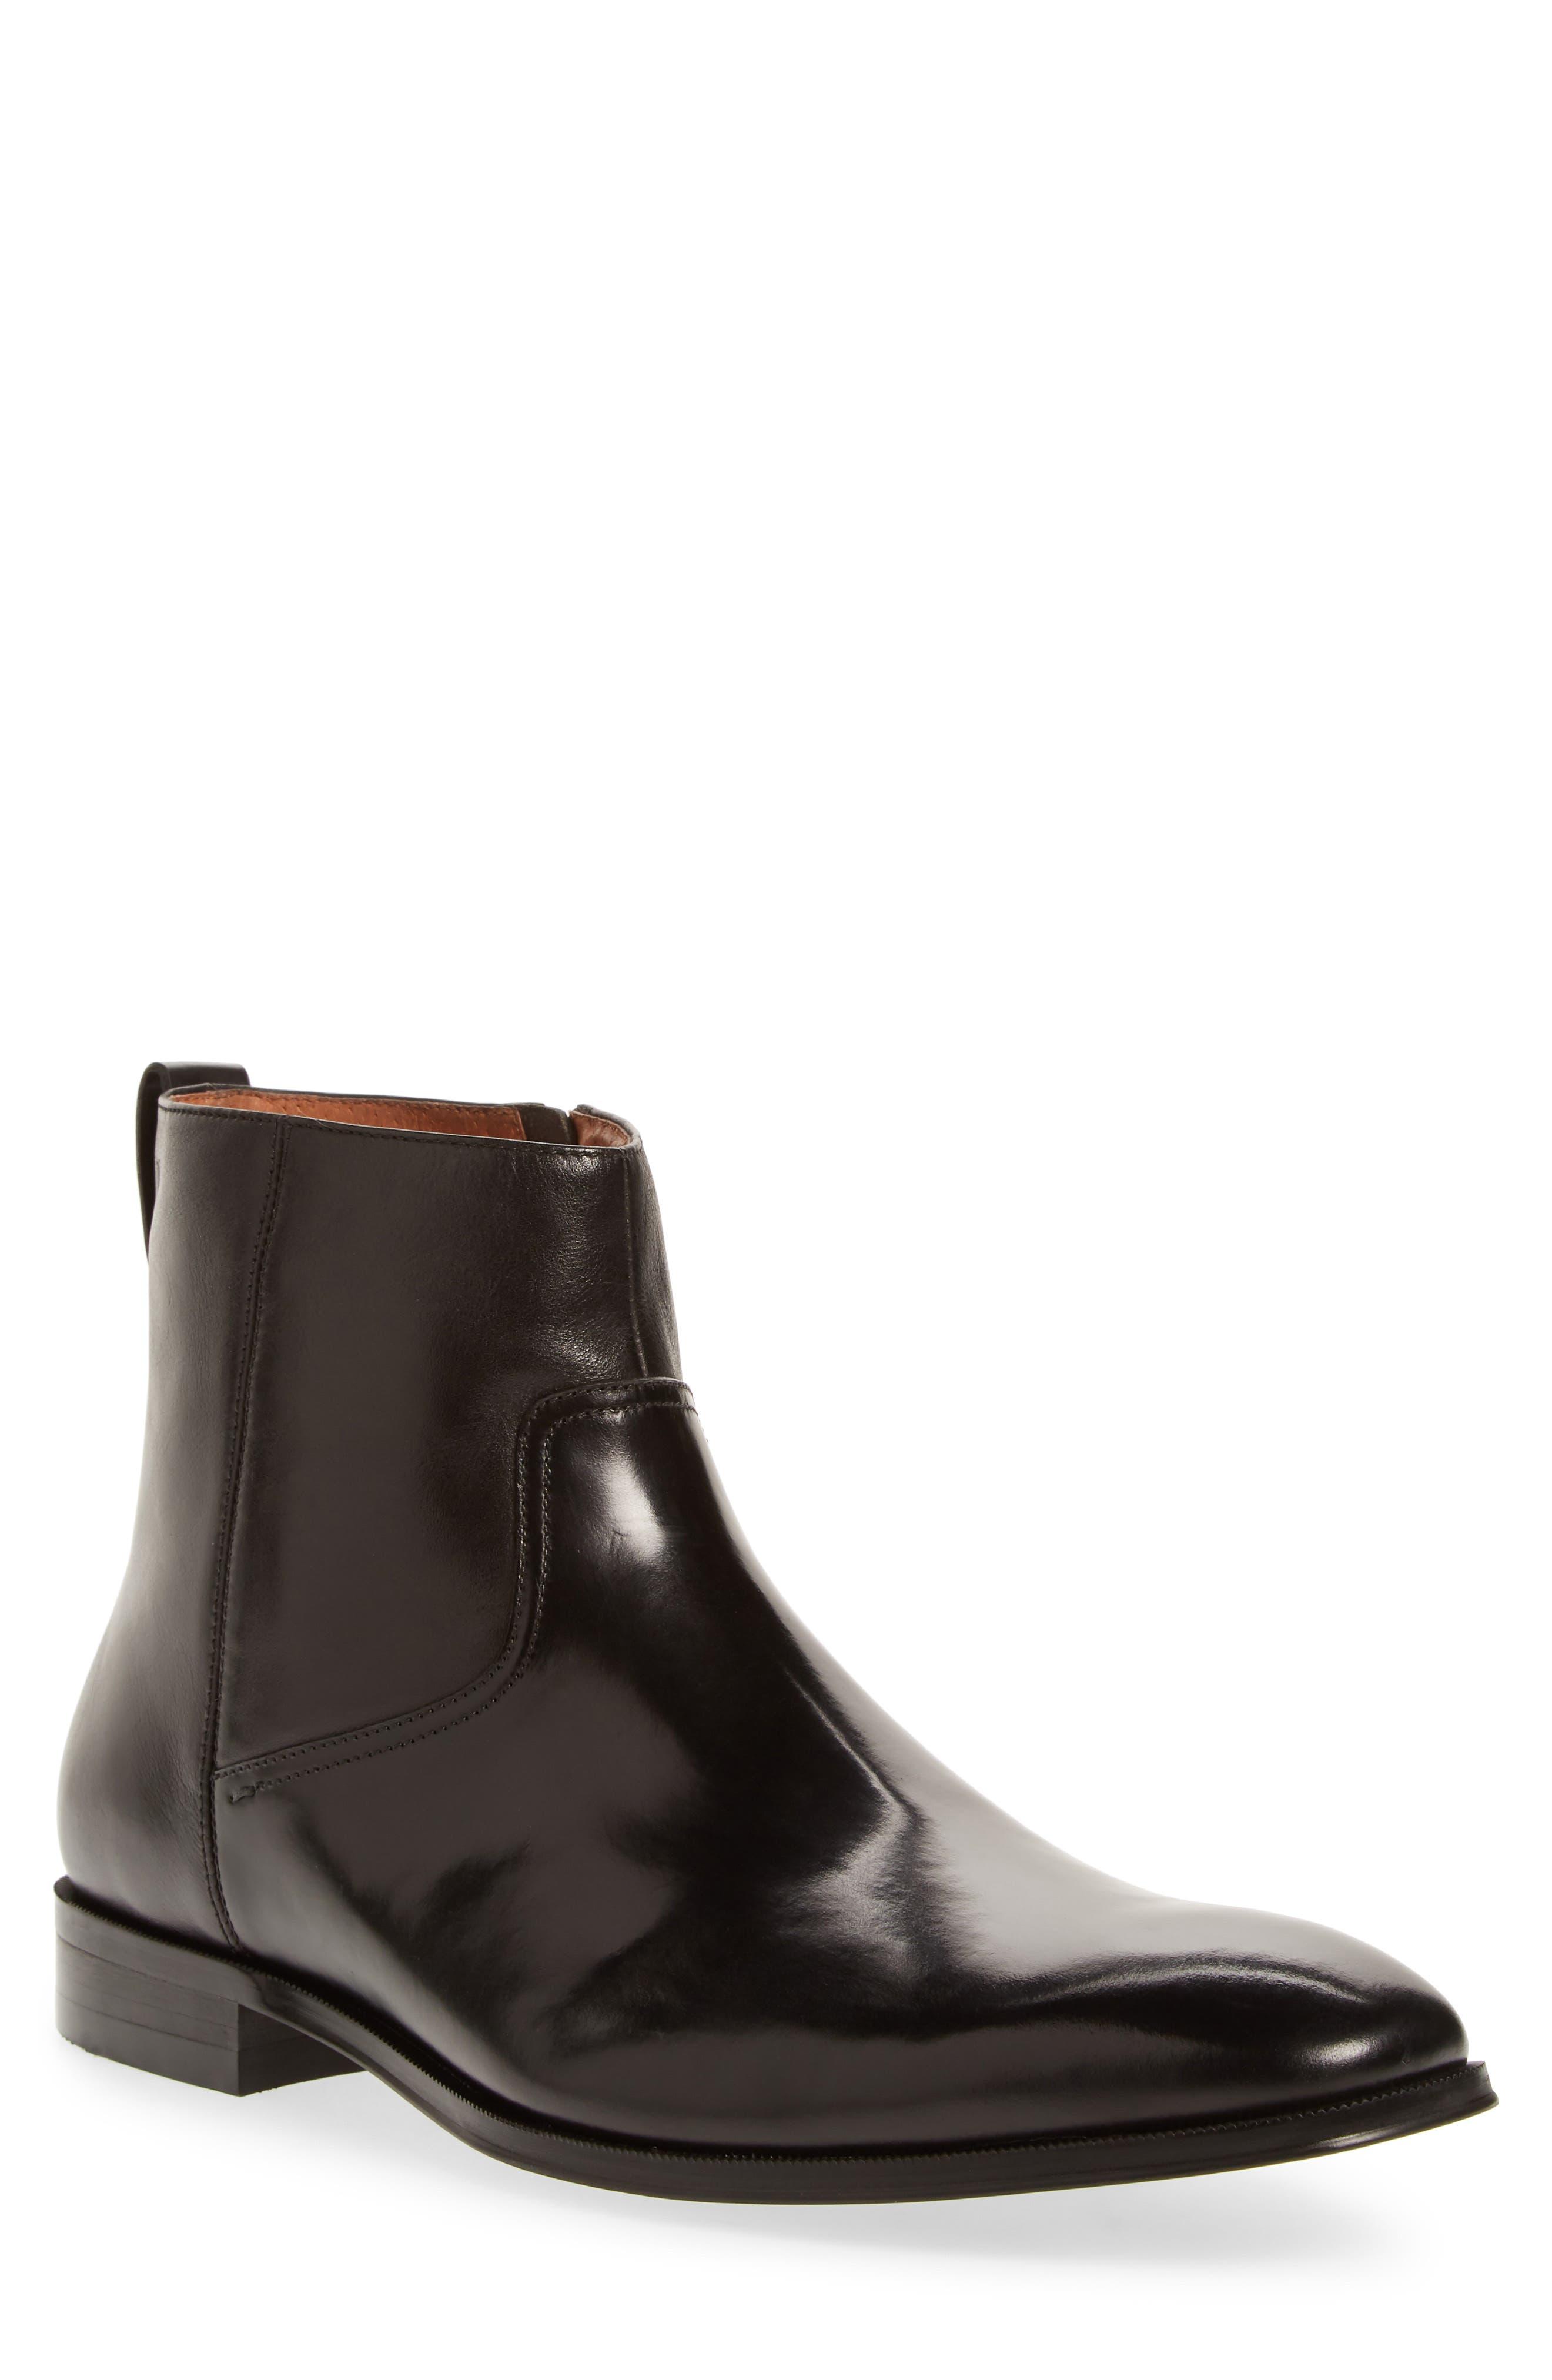 Florsheim Belfast Mid Zip Boot, EEE - Black